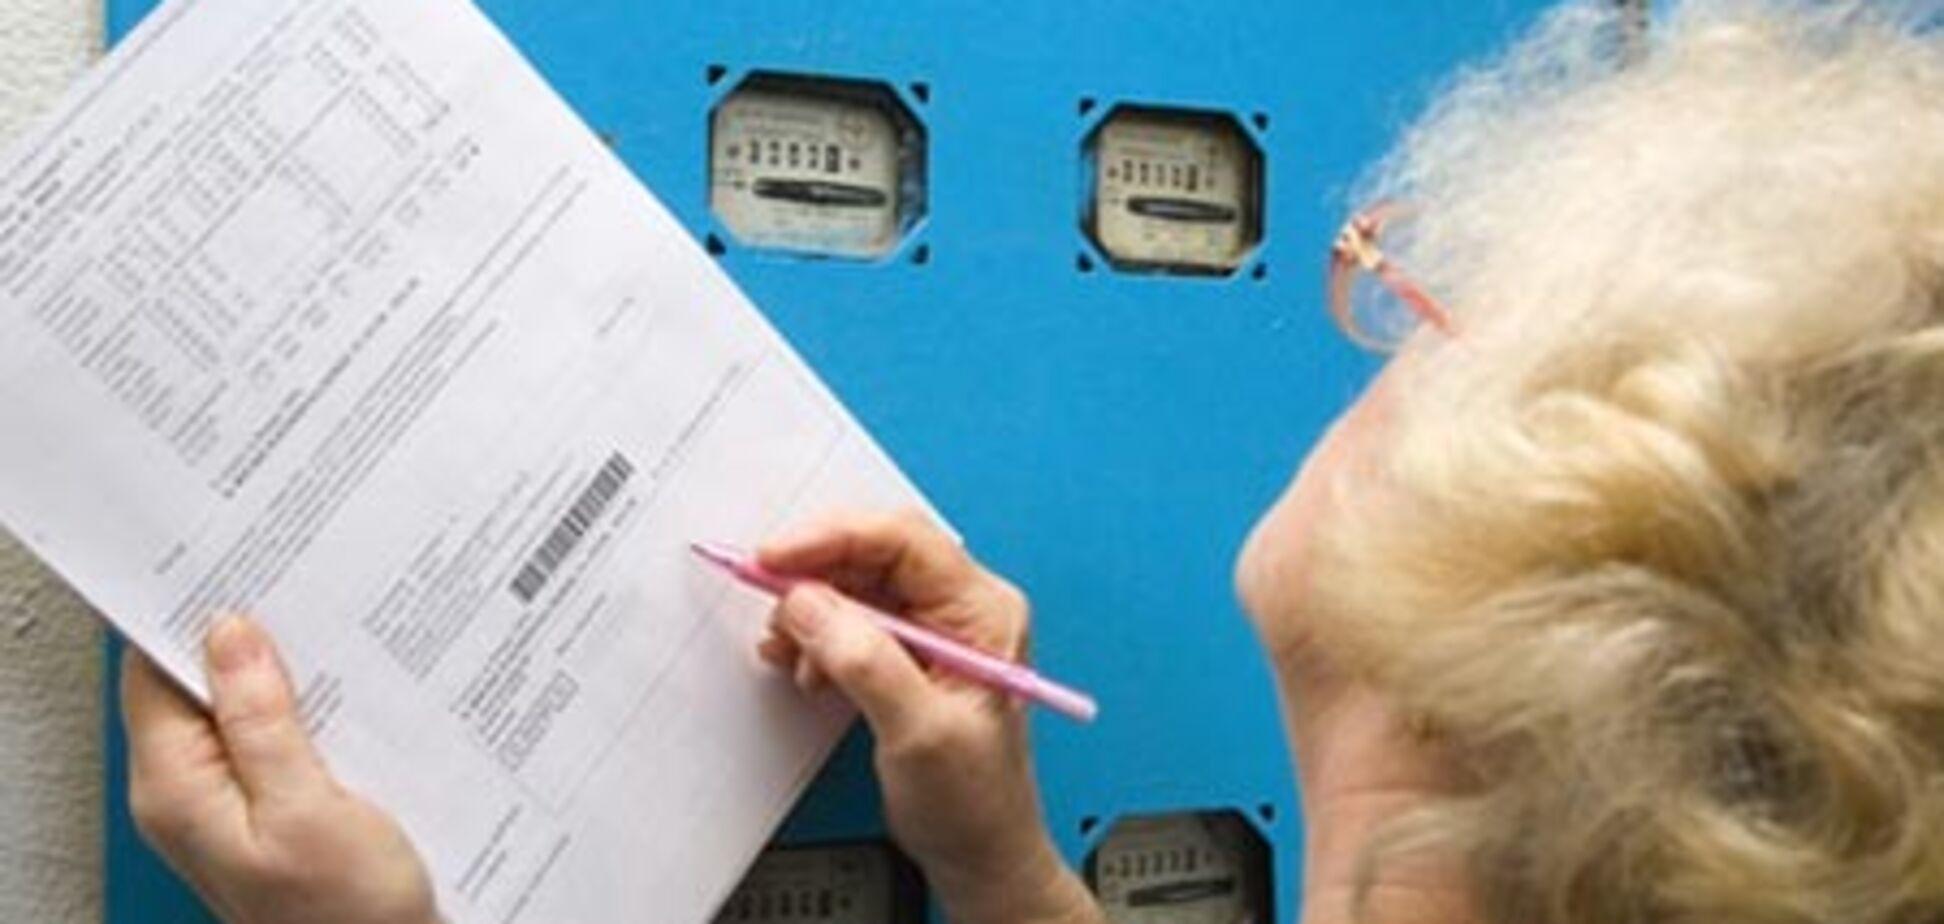 НКРЕ підвищила тарифи на електроенергію на 30%